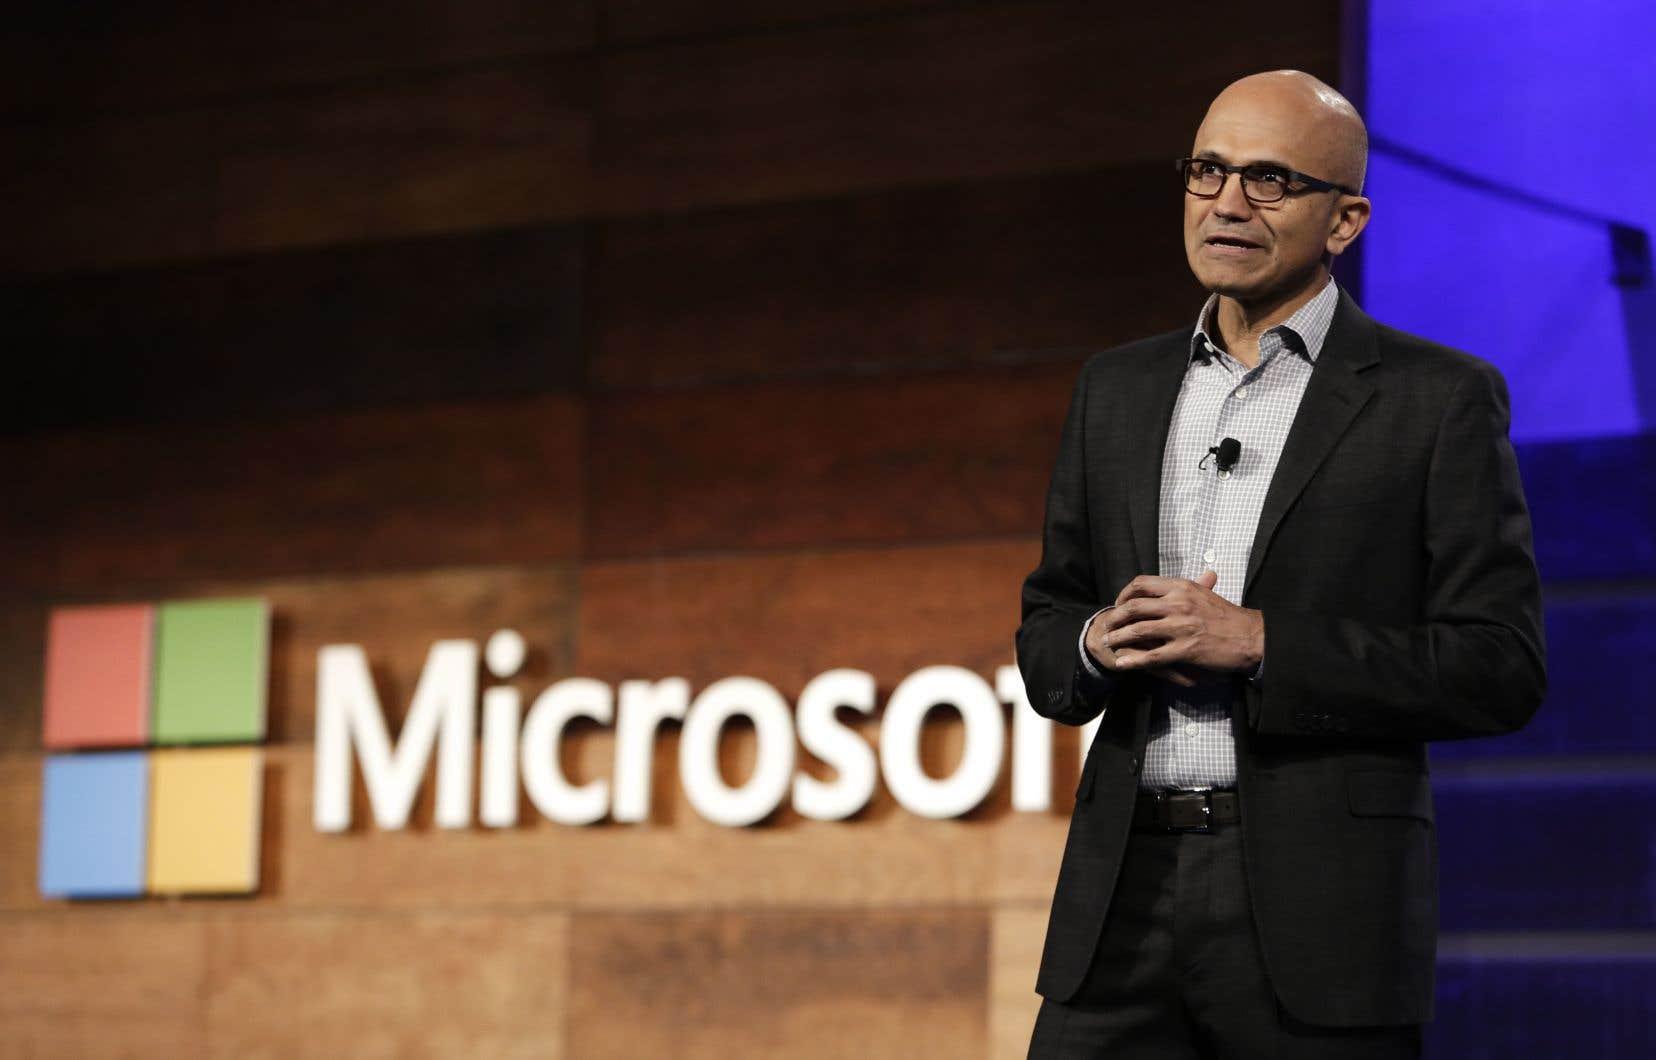 Le p.-d.g. de Microsoft, Satya Nadella